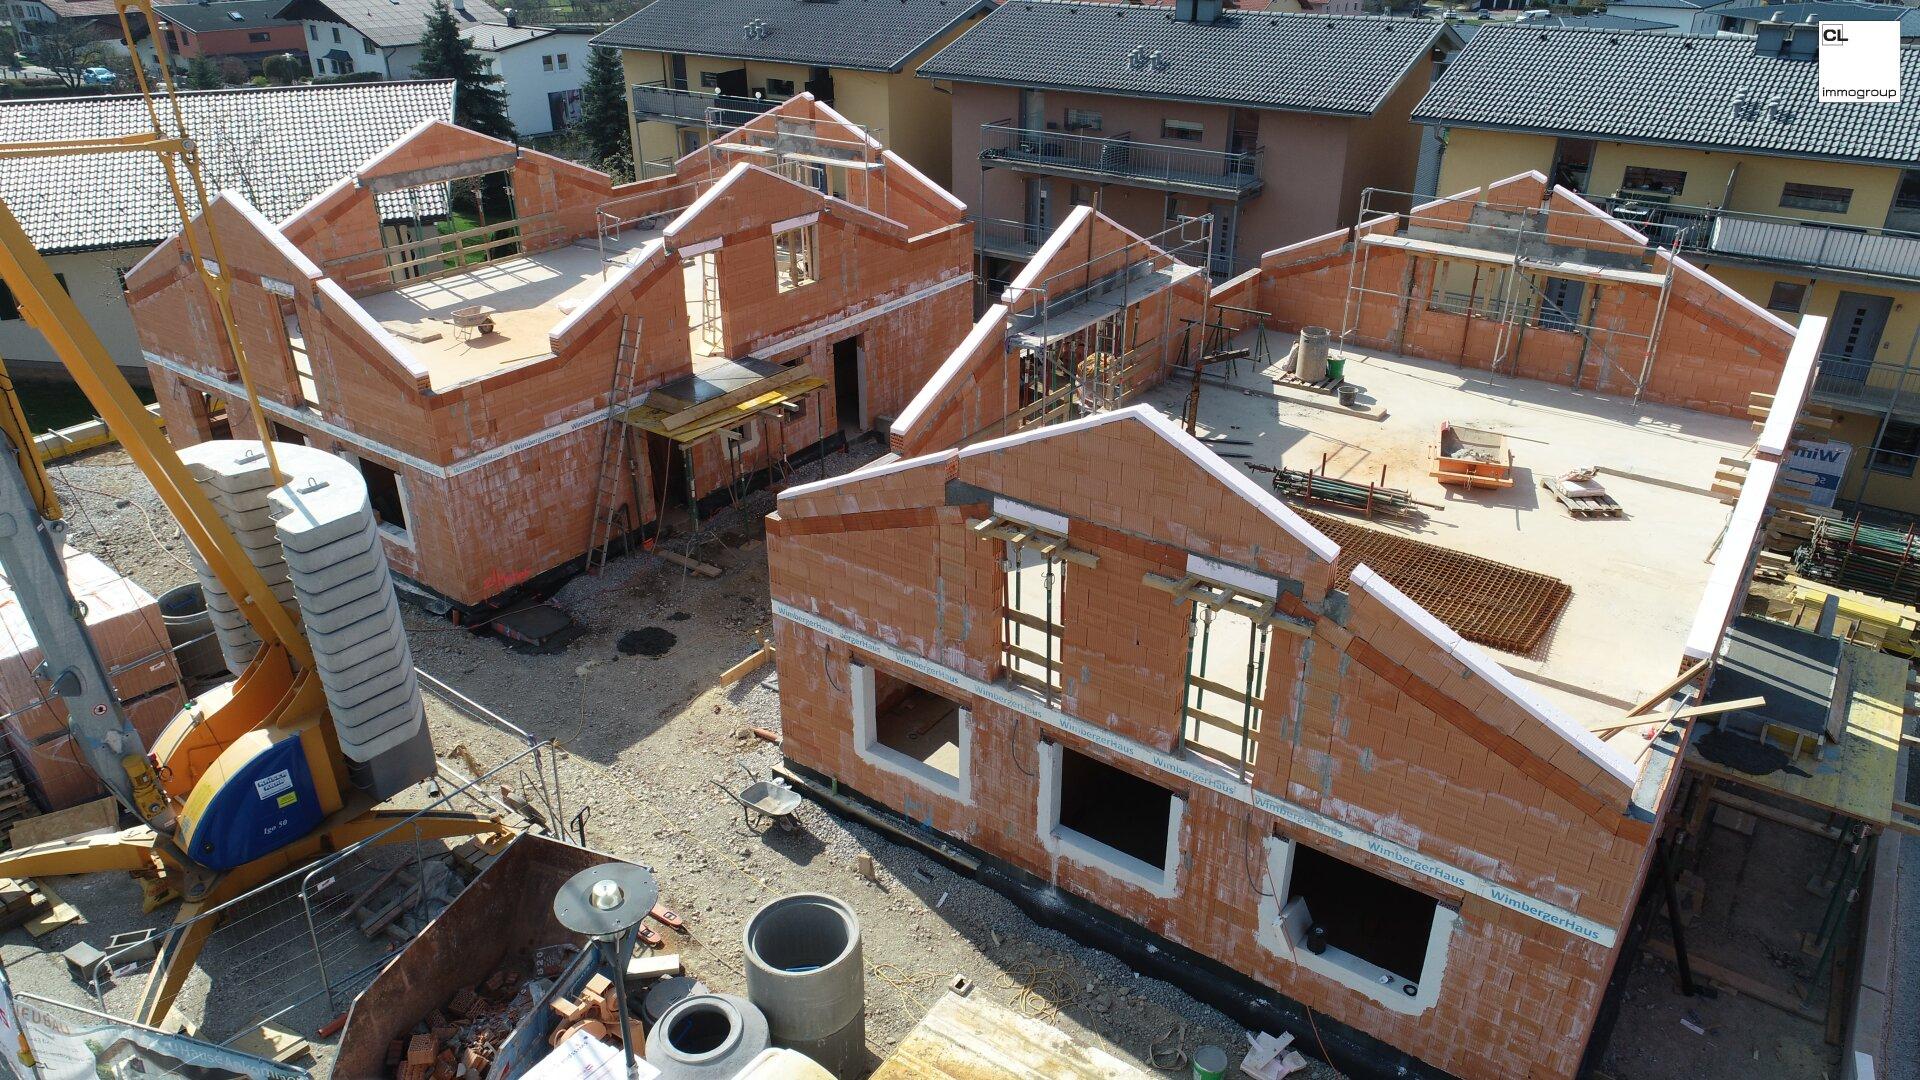 Baustellenfoto G 2 - Wohnungen in St. Georgen